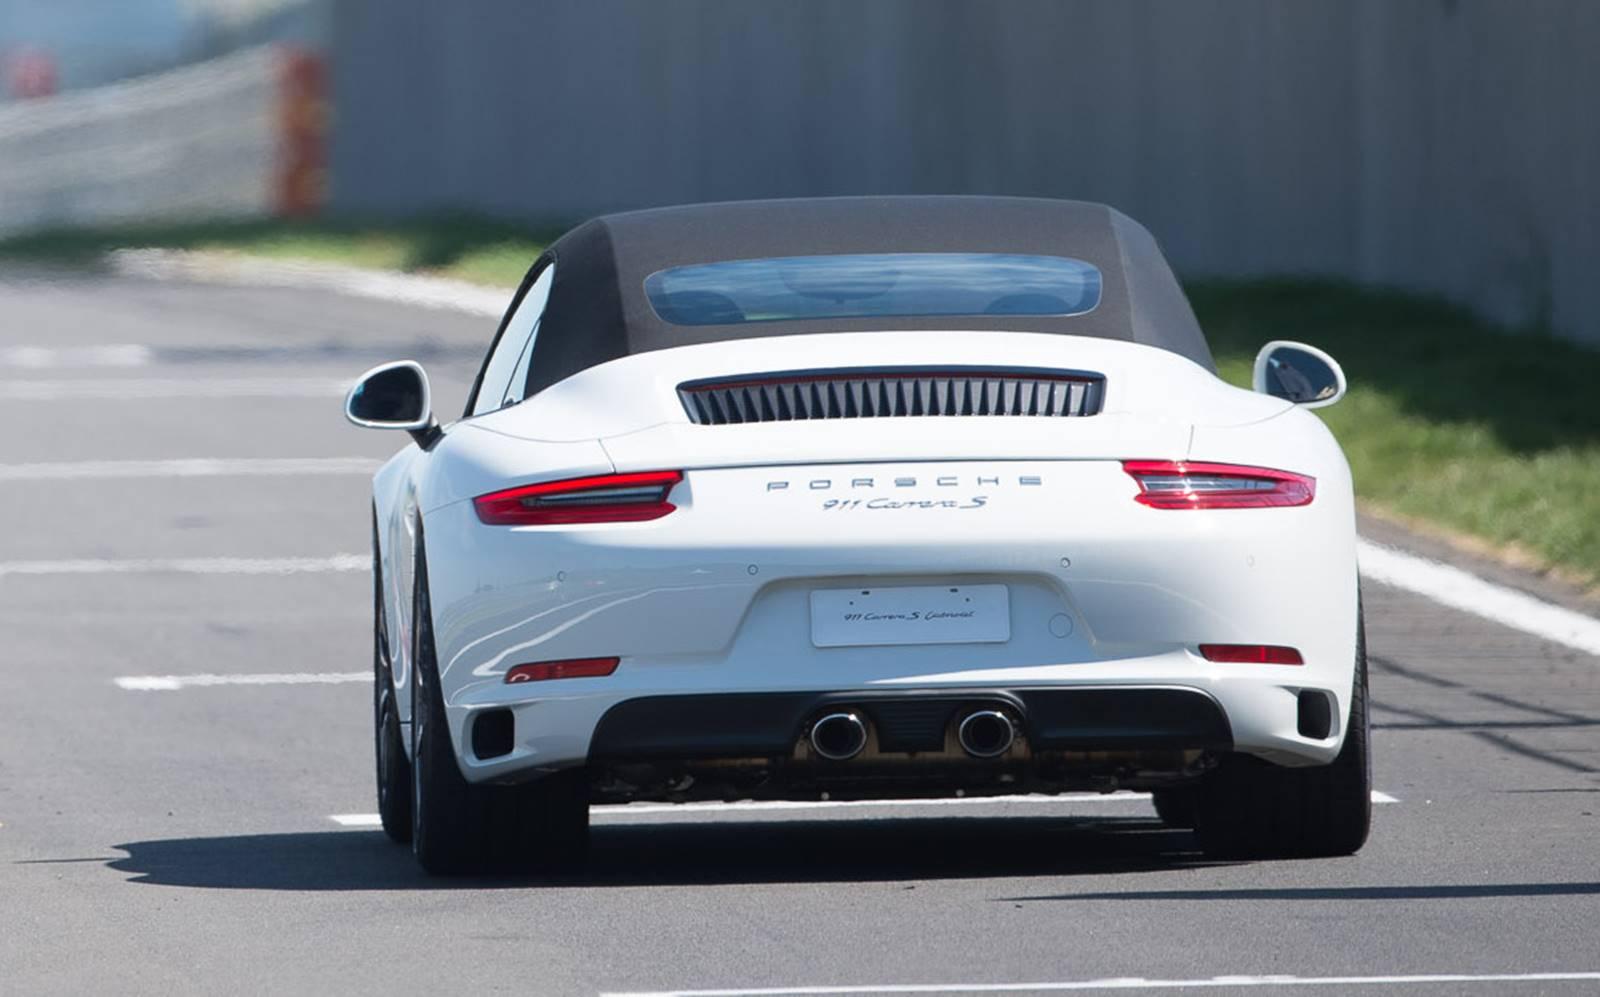 e8bbe03789c5b Novo Porsche 911 2016  preço parte de R  509 mil, no Brasil  . Novo Porsche  911 2016  Preço de Porsche 911 3.8 Turbo S Cabriolet PDK 2018  Tabela FIPE  e KBB